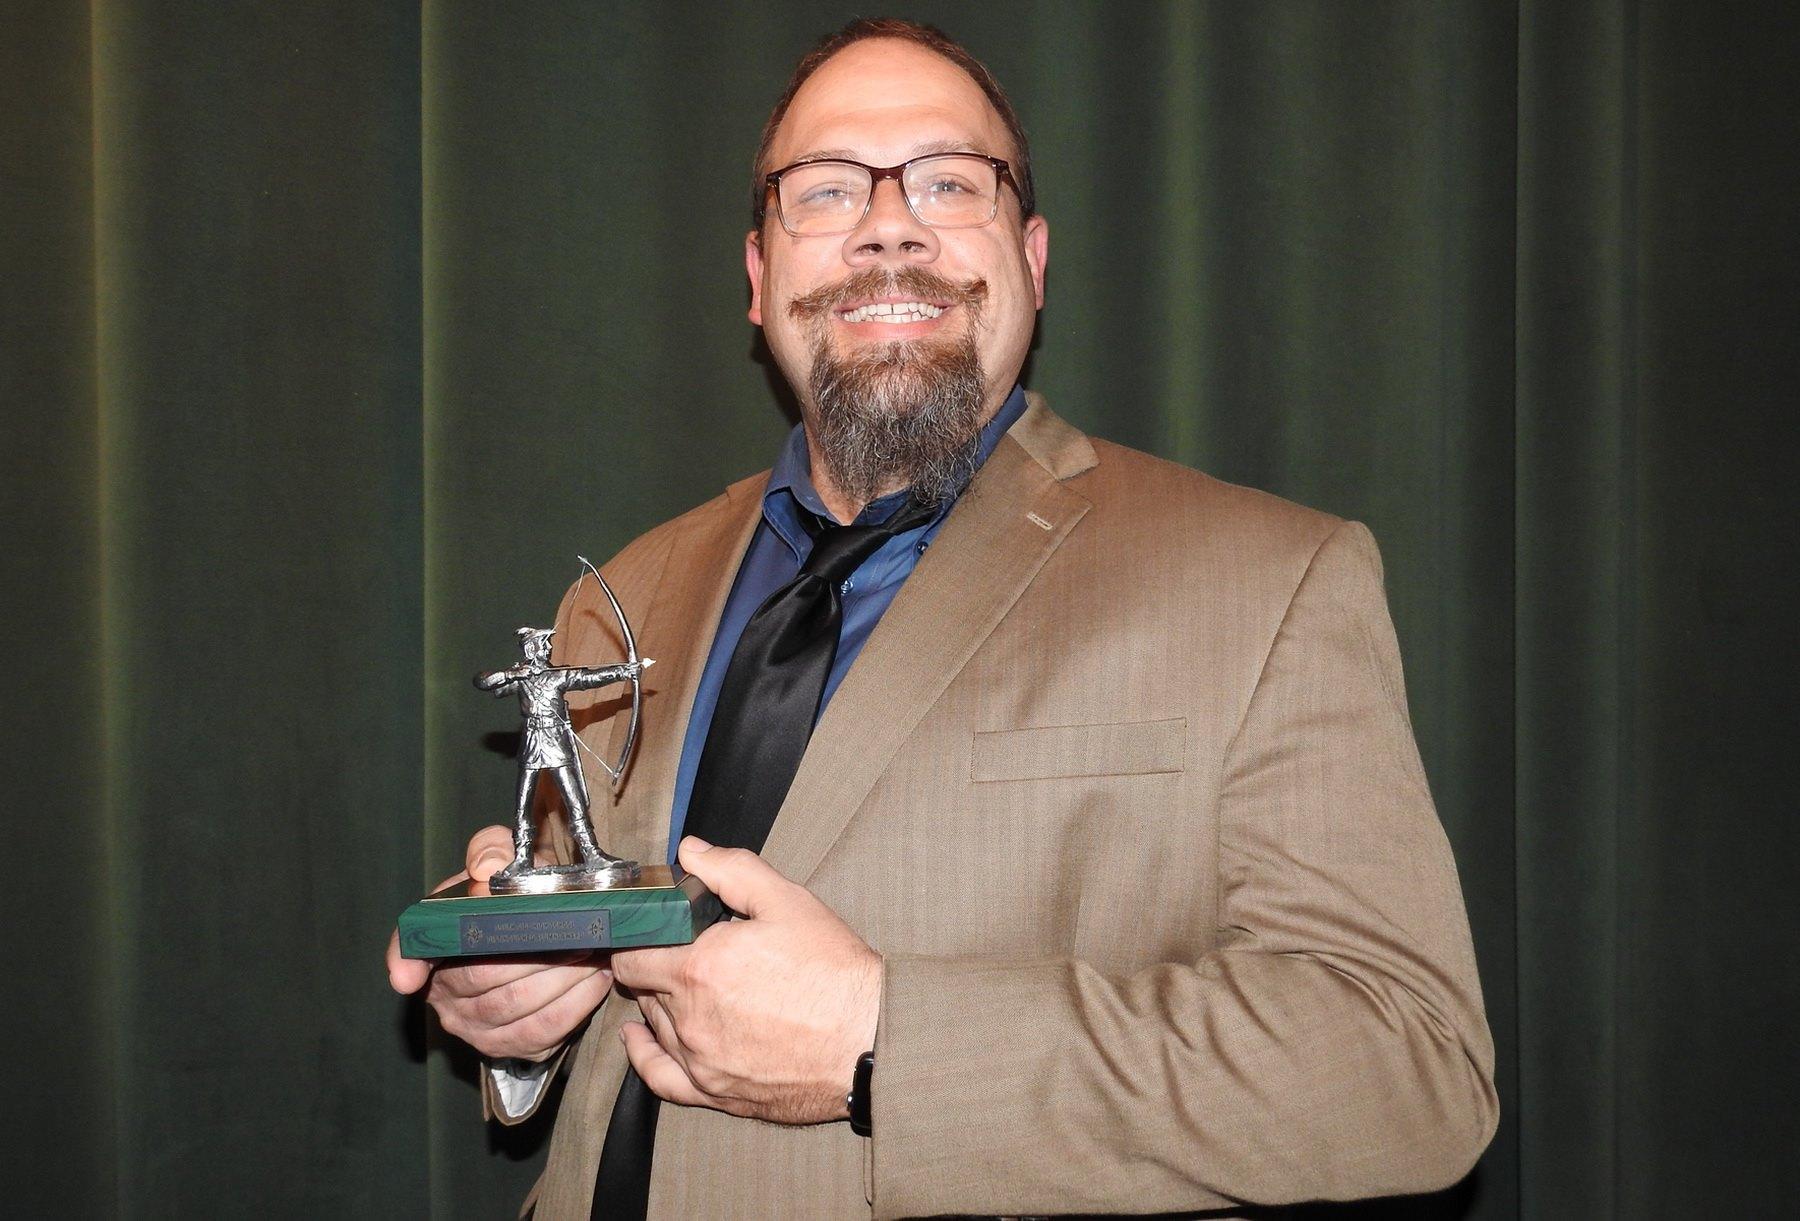 Jason F. Maurer, Class of 1989